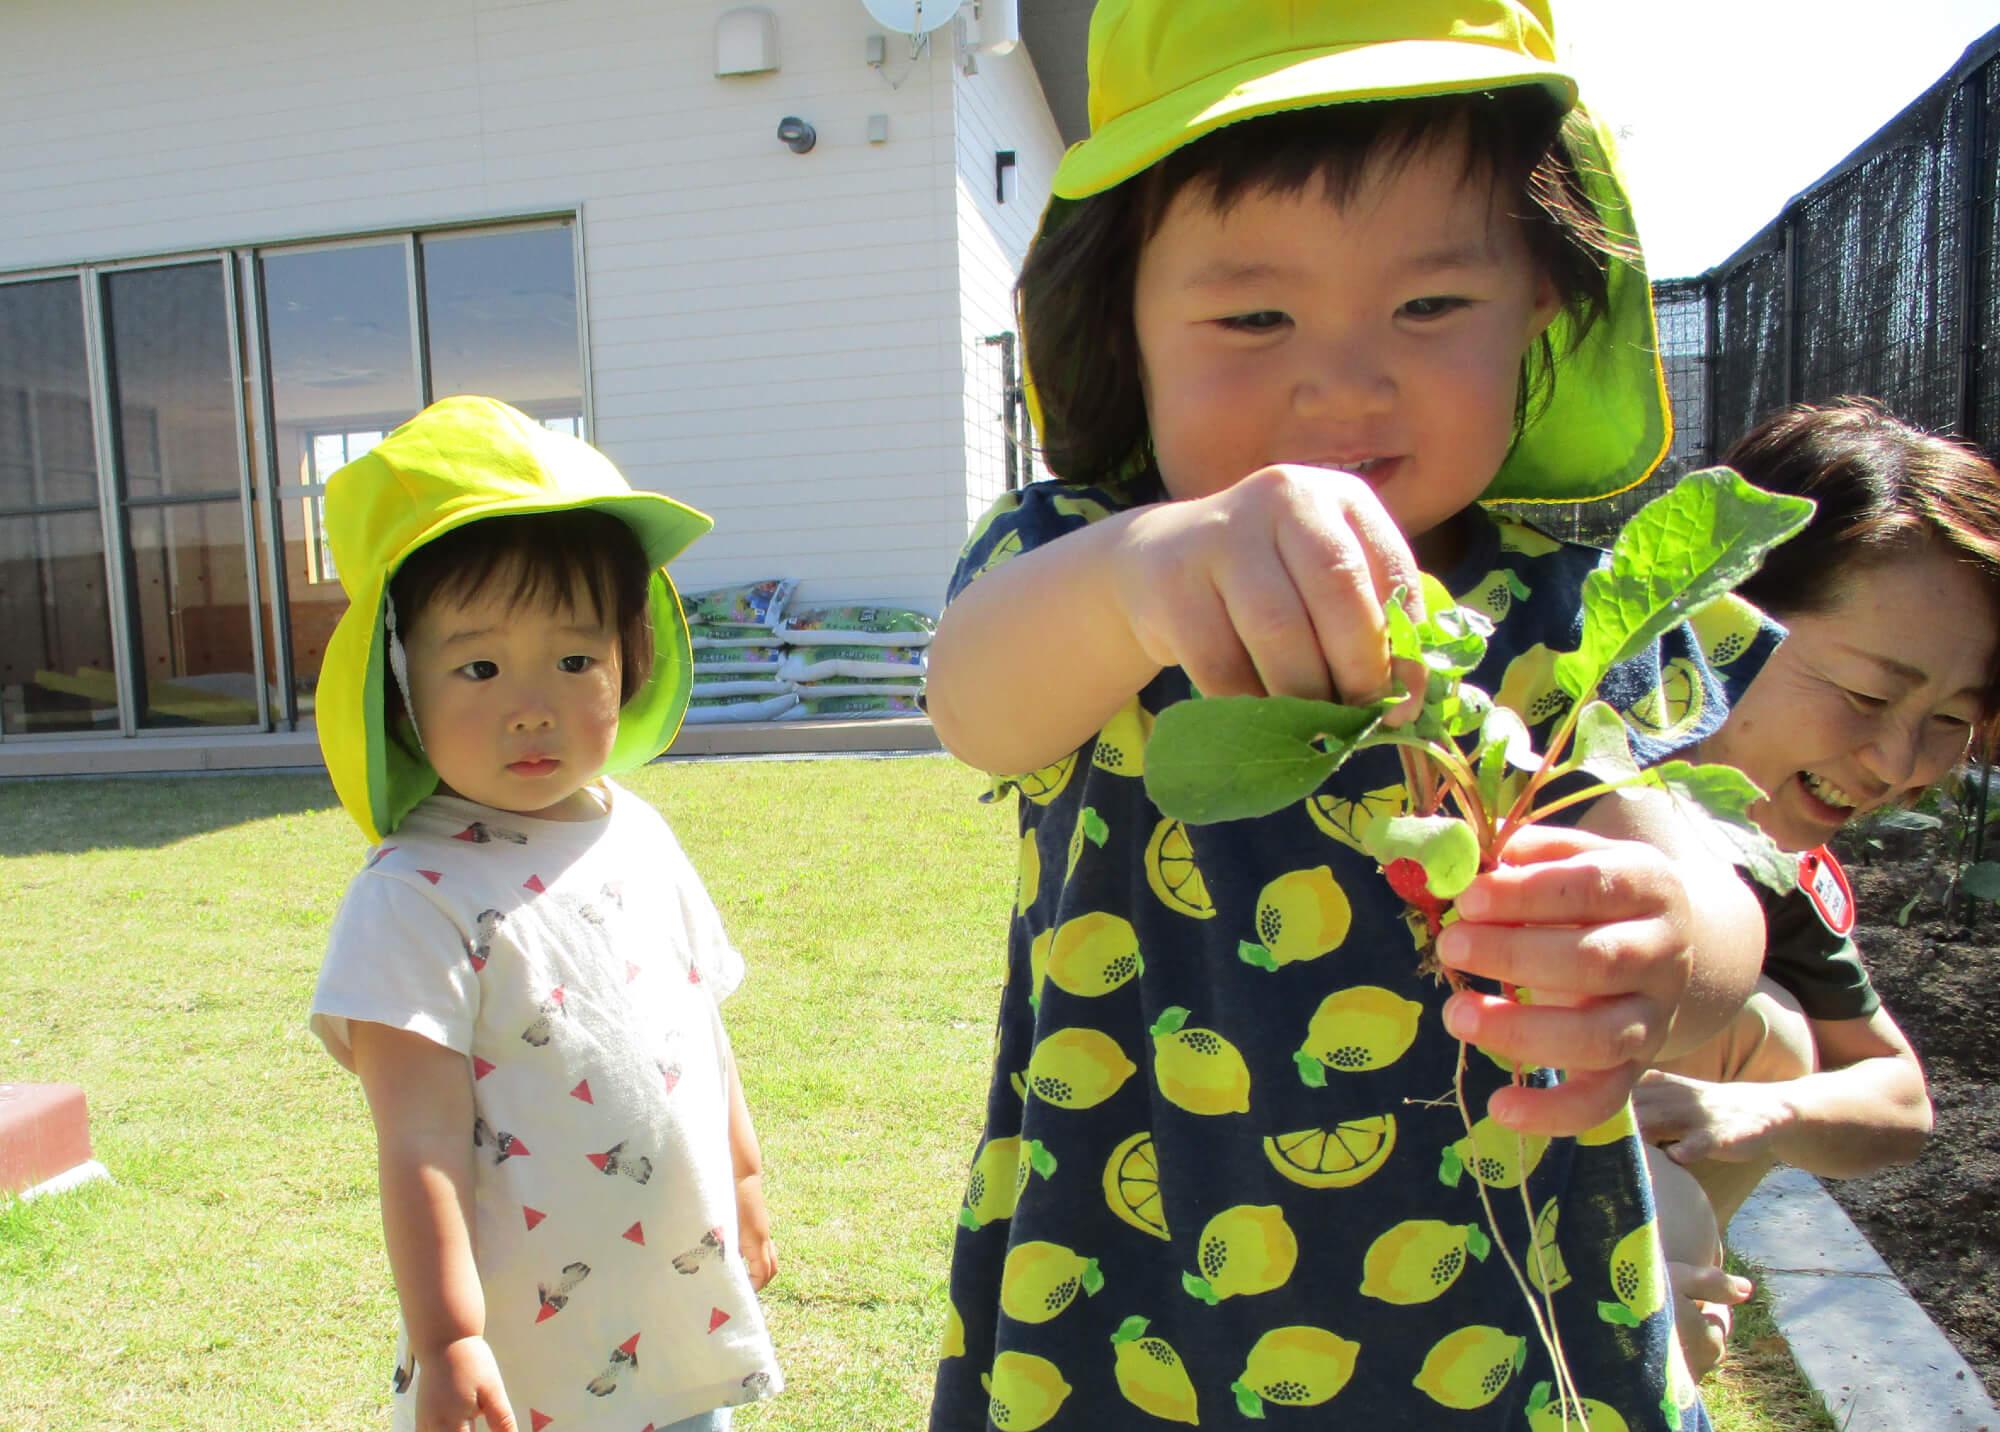 収穫した野菜を手に取る子ども